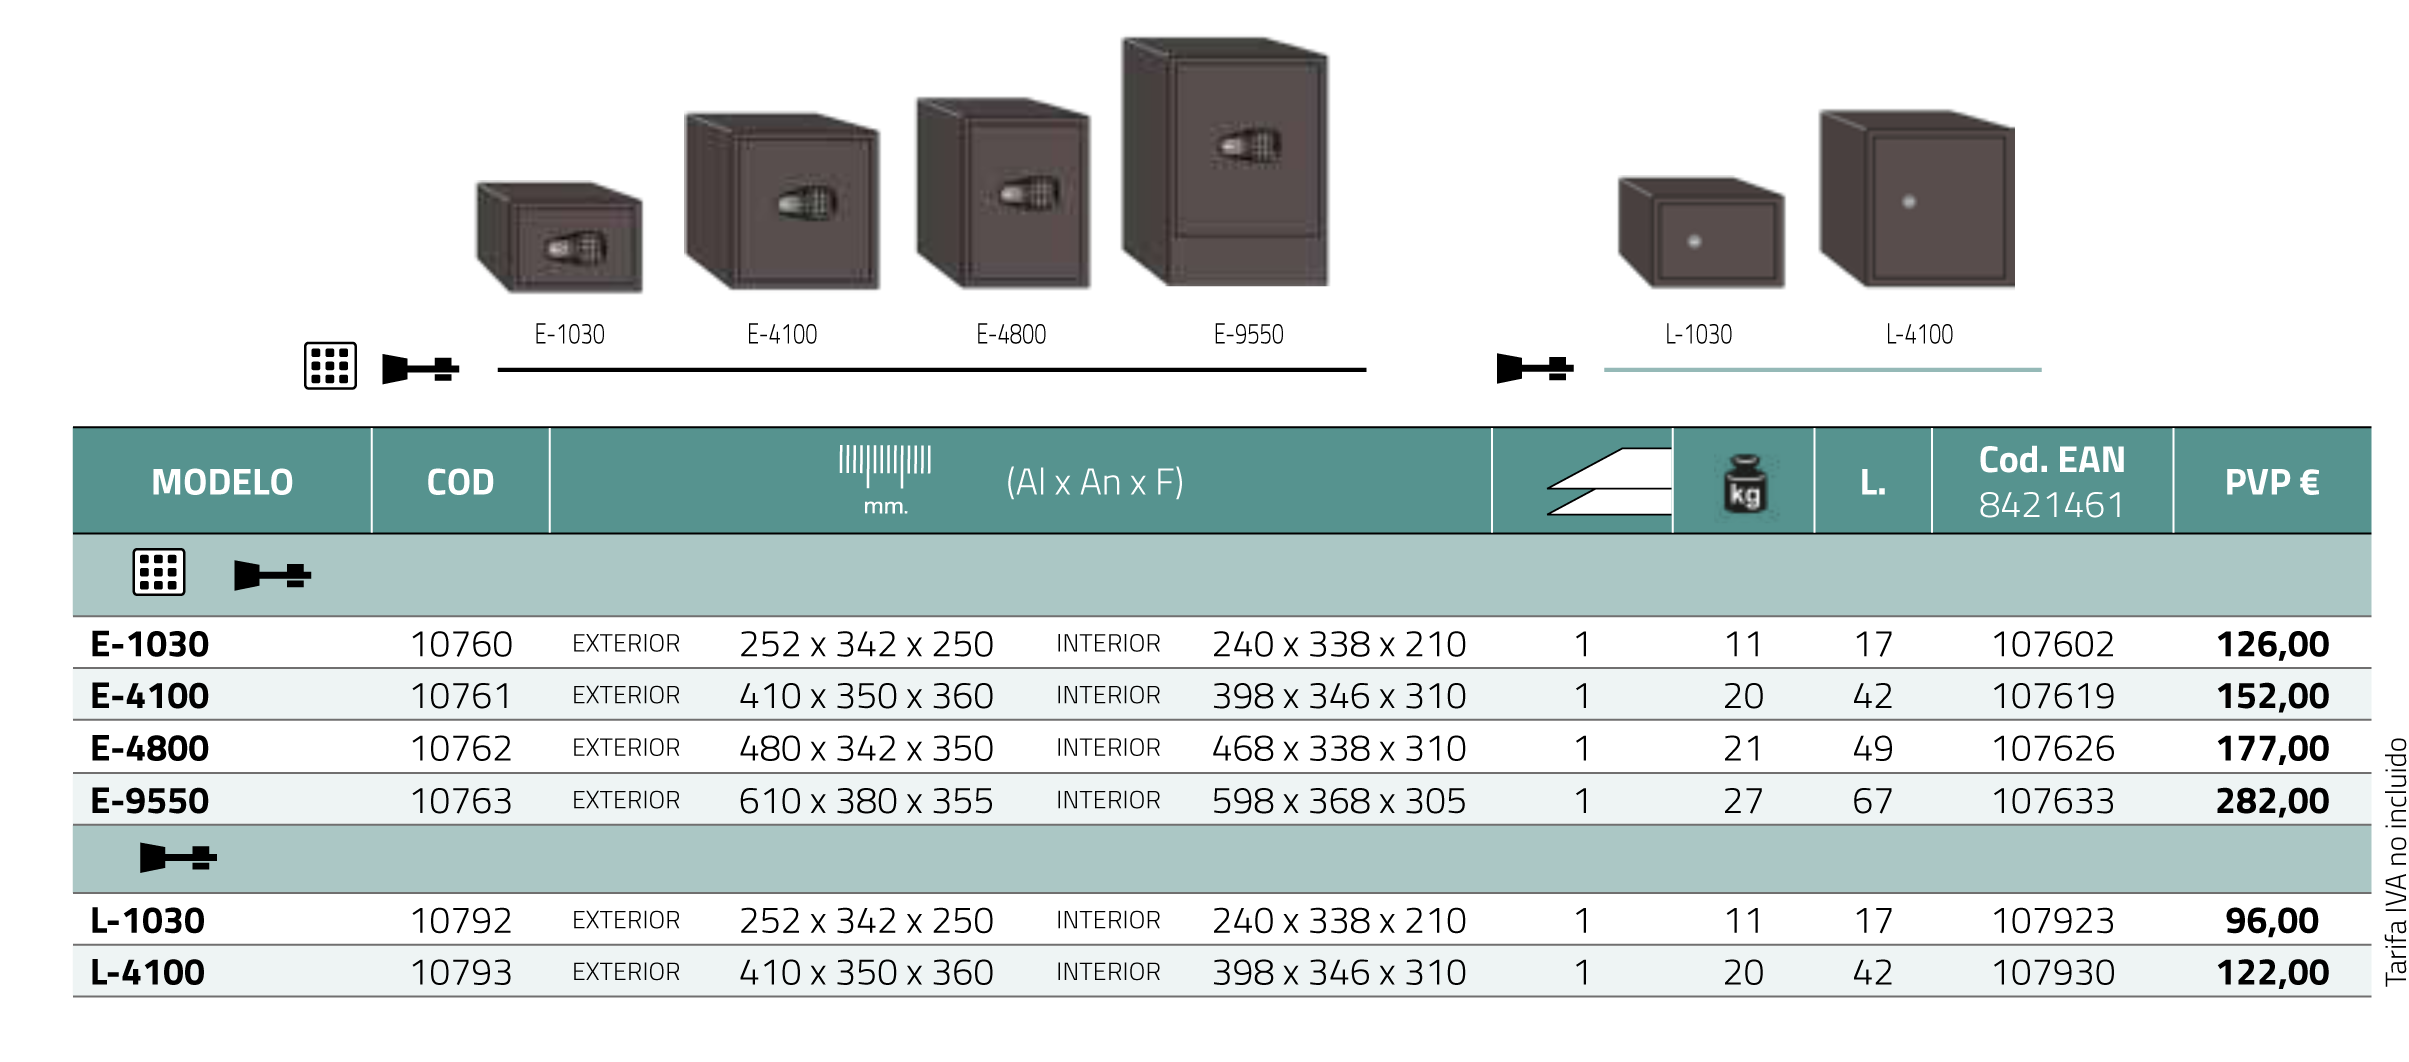 Tabla de características de las cajas fuertes Decora